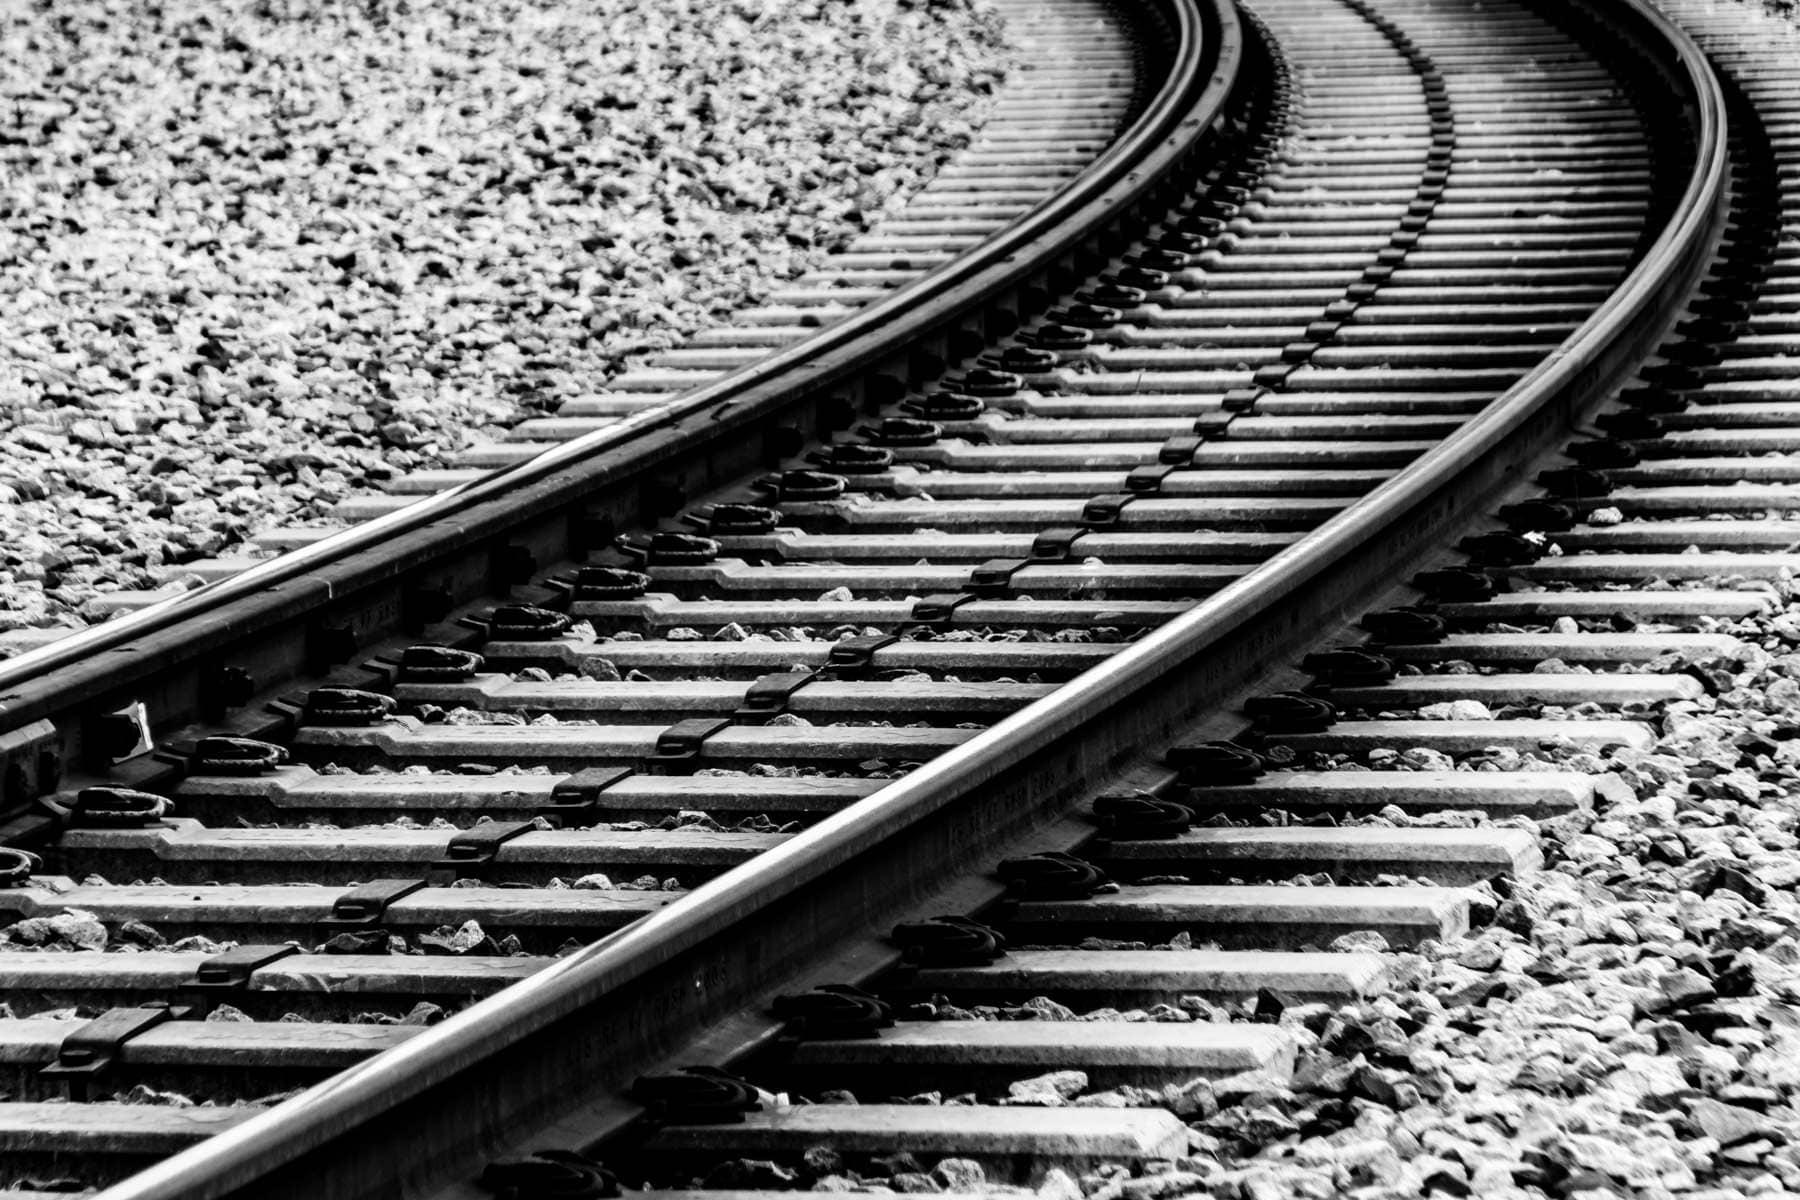 DART (Dallas Area Rapid Transit) light rail track just east of Downtown Dallas in Deep Ellum.